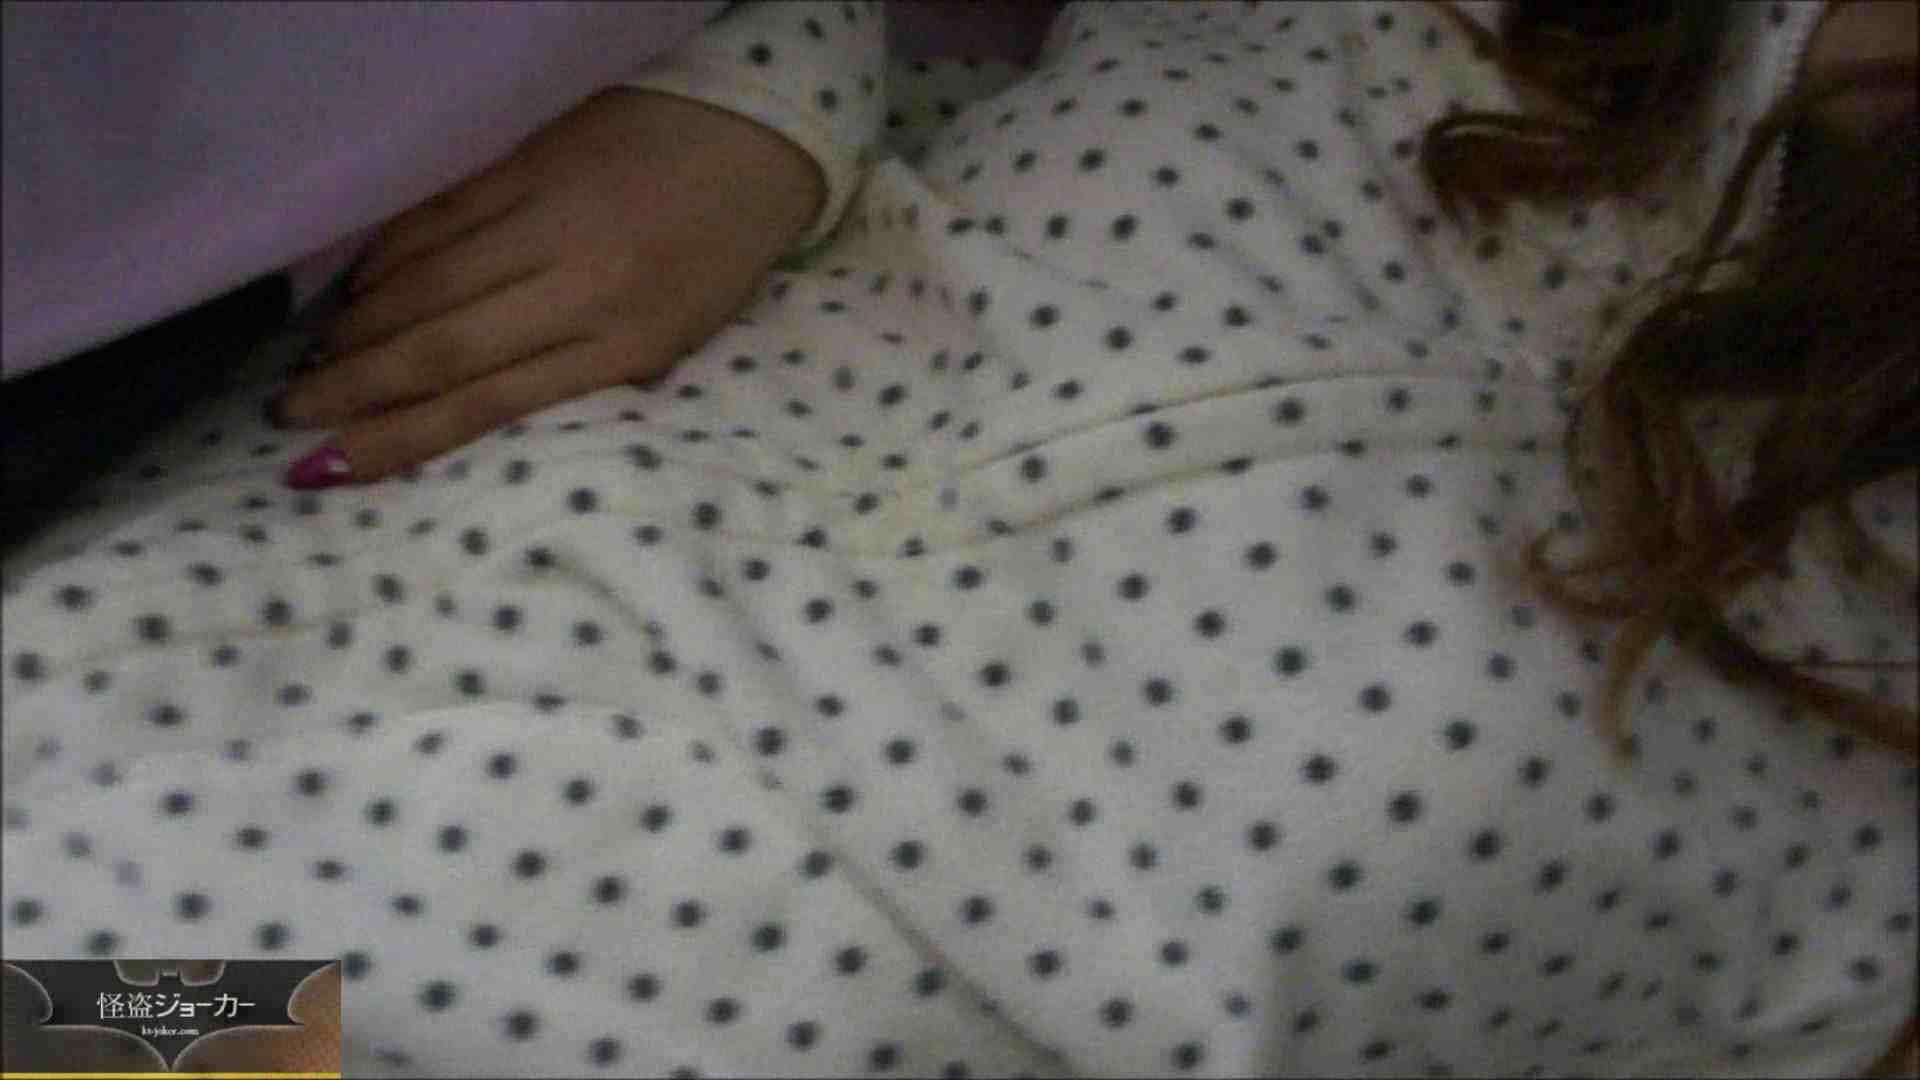 【未公開】vol.1 【ユリナの実女市・ヒトミ】若ママを目民らせて・・・ いじくり 性交動画流出 54画像 3